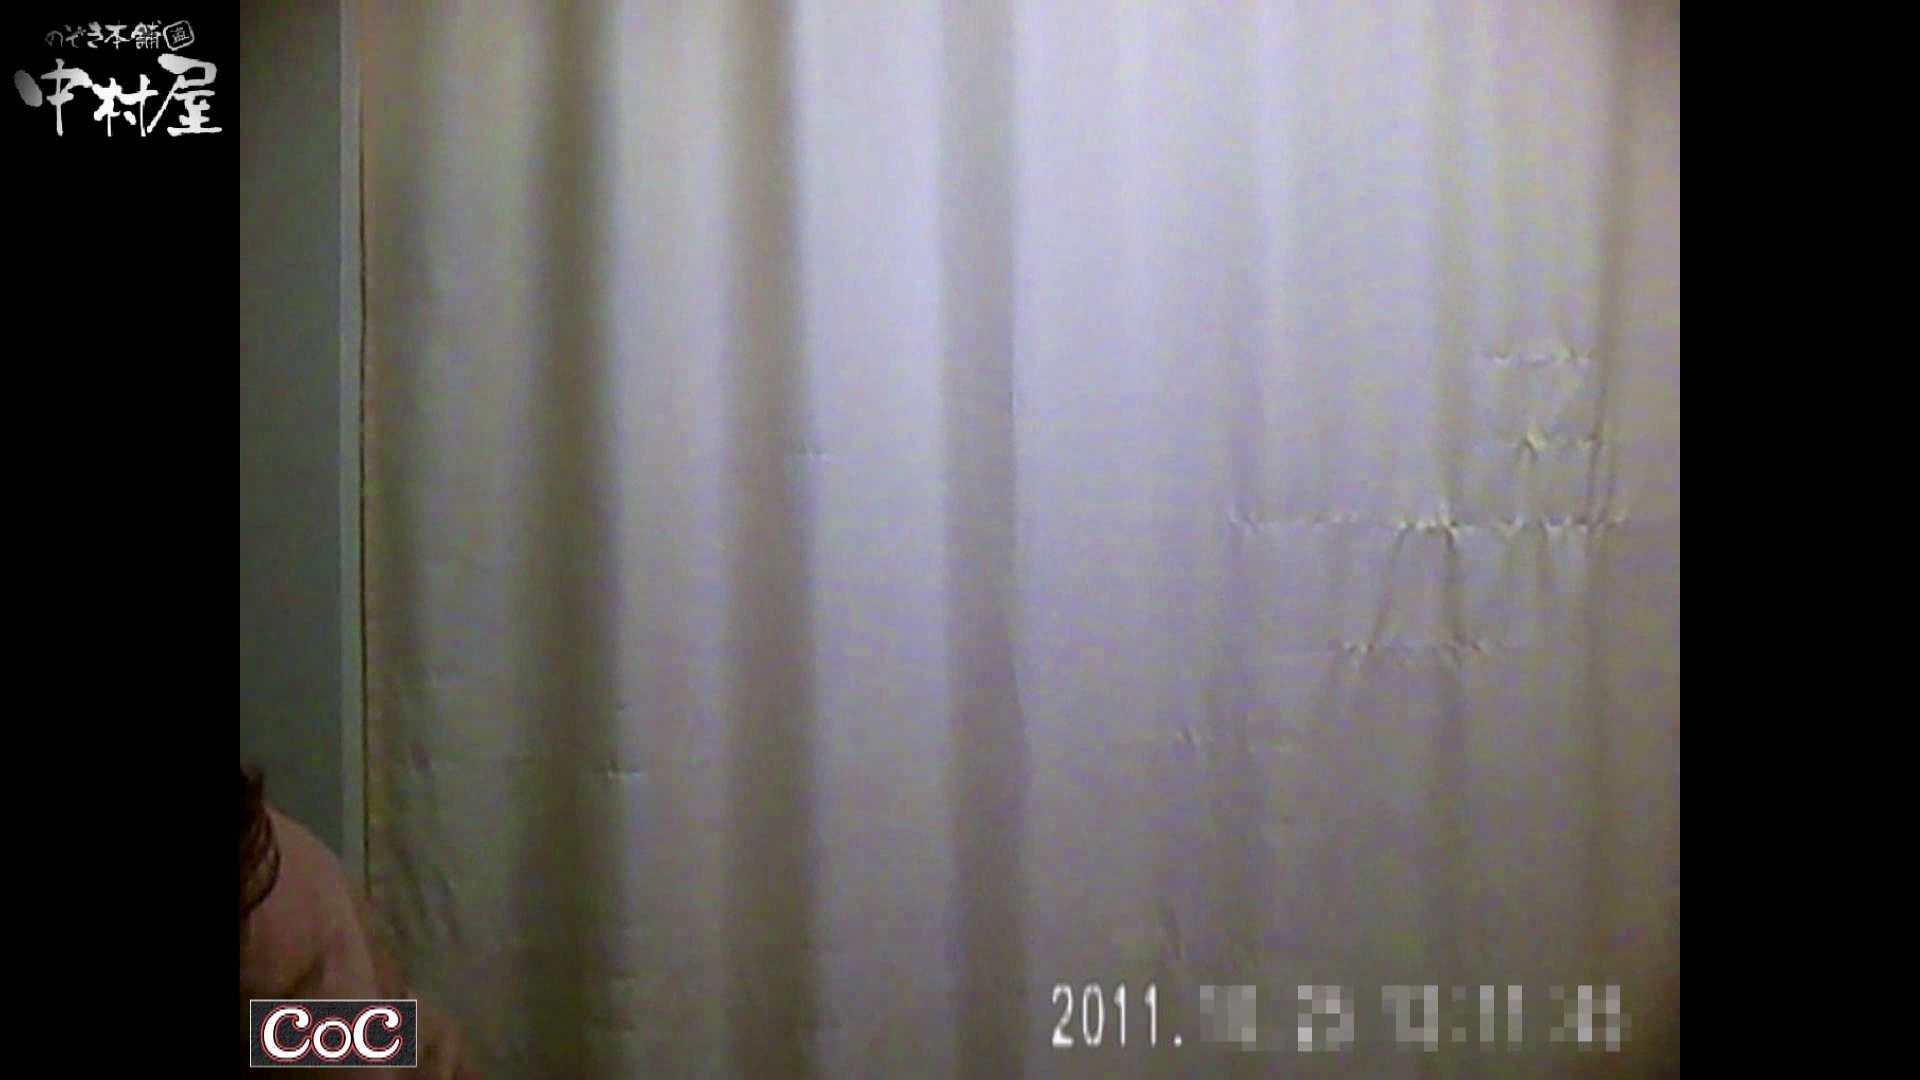 激ヤバ健康診断!着替えの一部始終.vol.72※本編ボカシ・目線無し ギャルのエロ動画 オメコ動画キャプチャ 113PIX 62